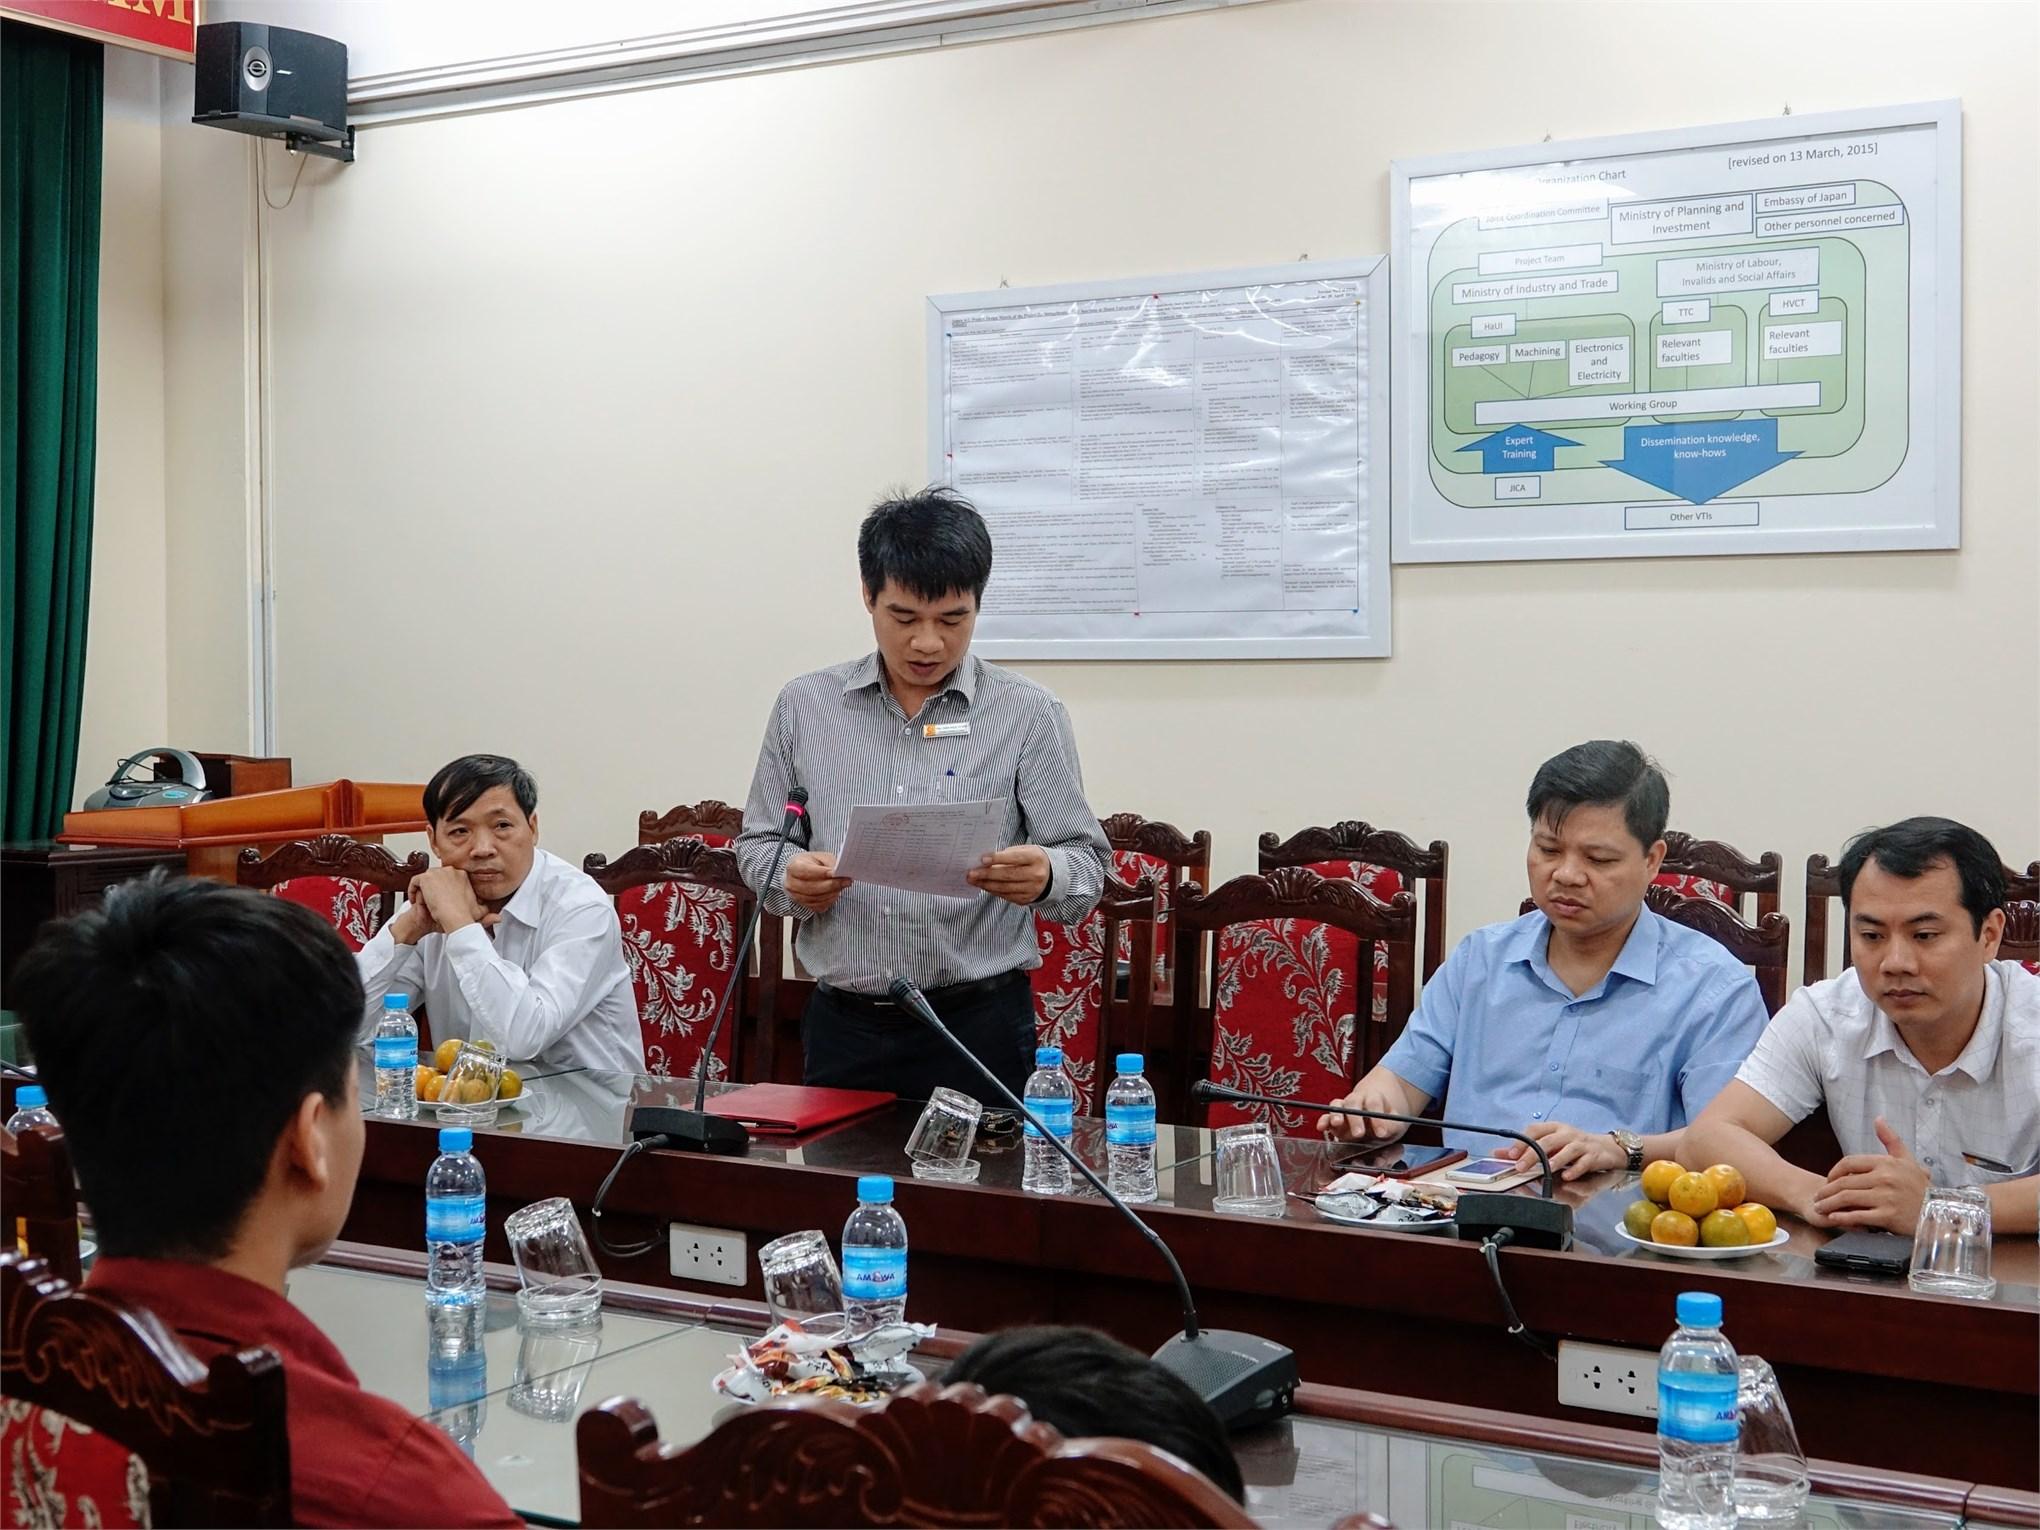 Đại học Công nghiệp Hà Nội viết tiếp ước mơ cho sinh viên khuyết tật